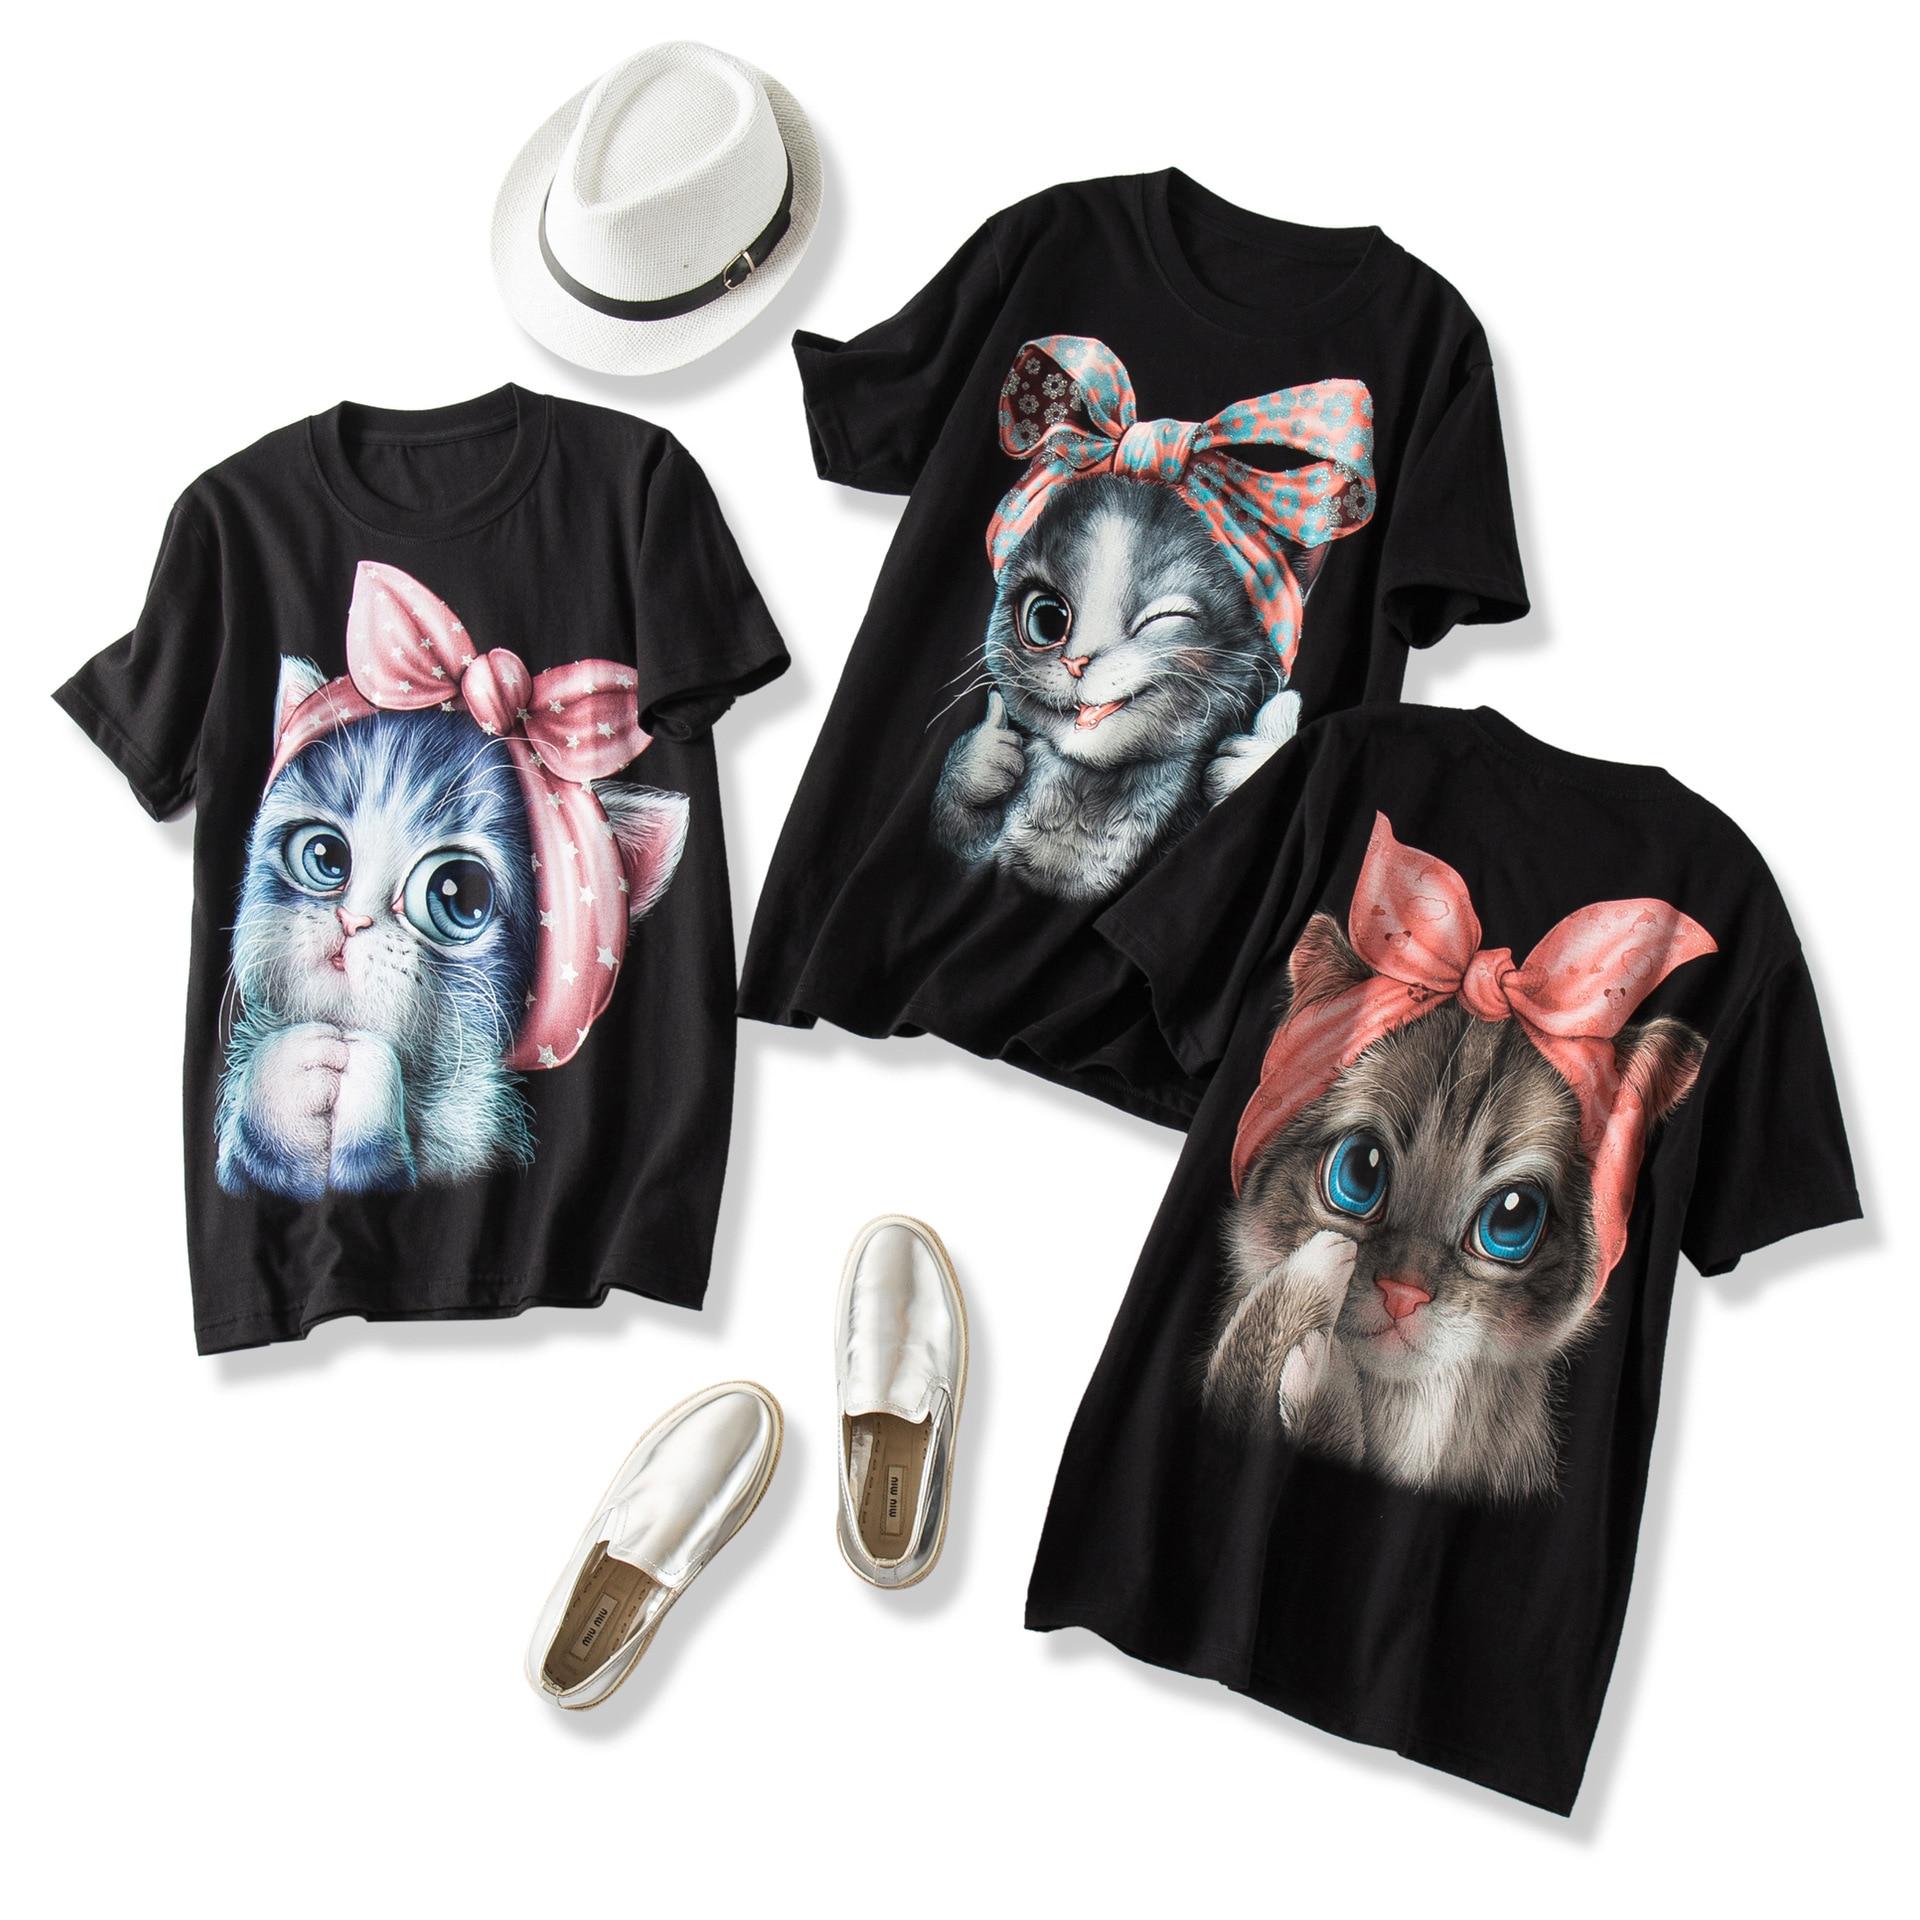 Femmes de haute qualité T-shirts Kawaii 3D Bow Cat imprimé hauts noirs surdimensionné lâche coton T-shirts o-cou à manches courtes runaway t-shirt